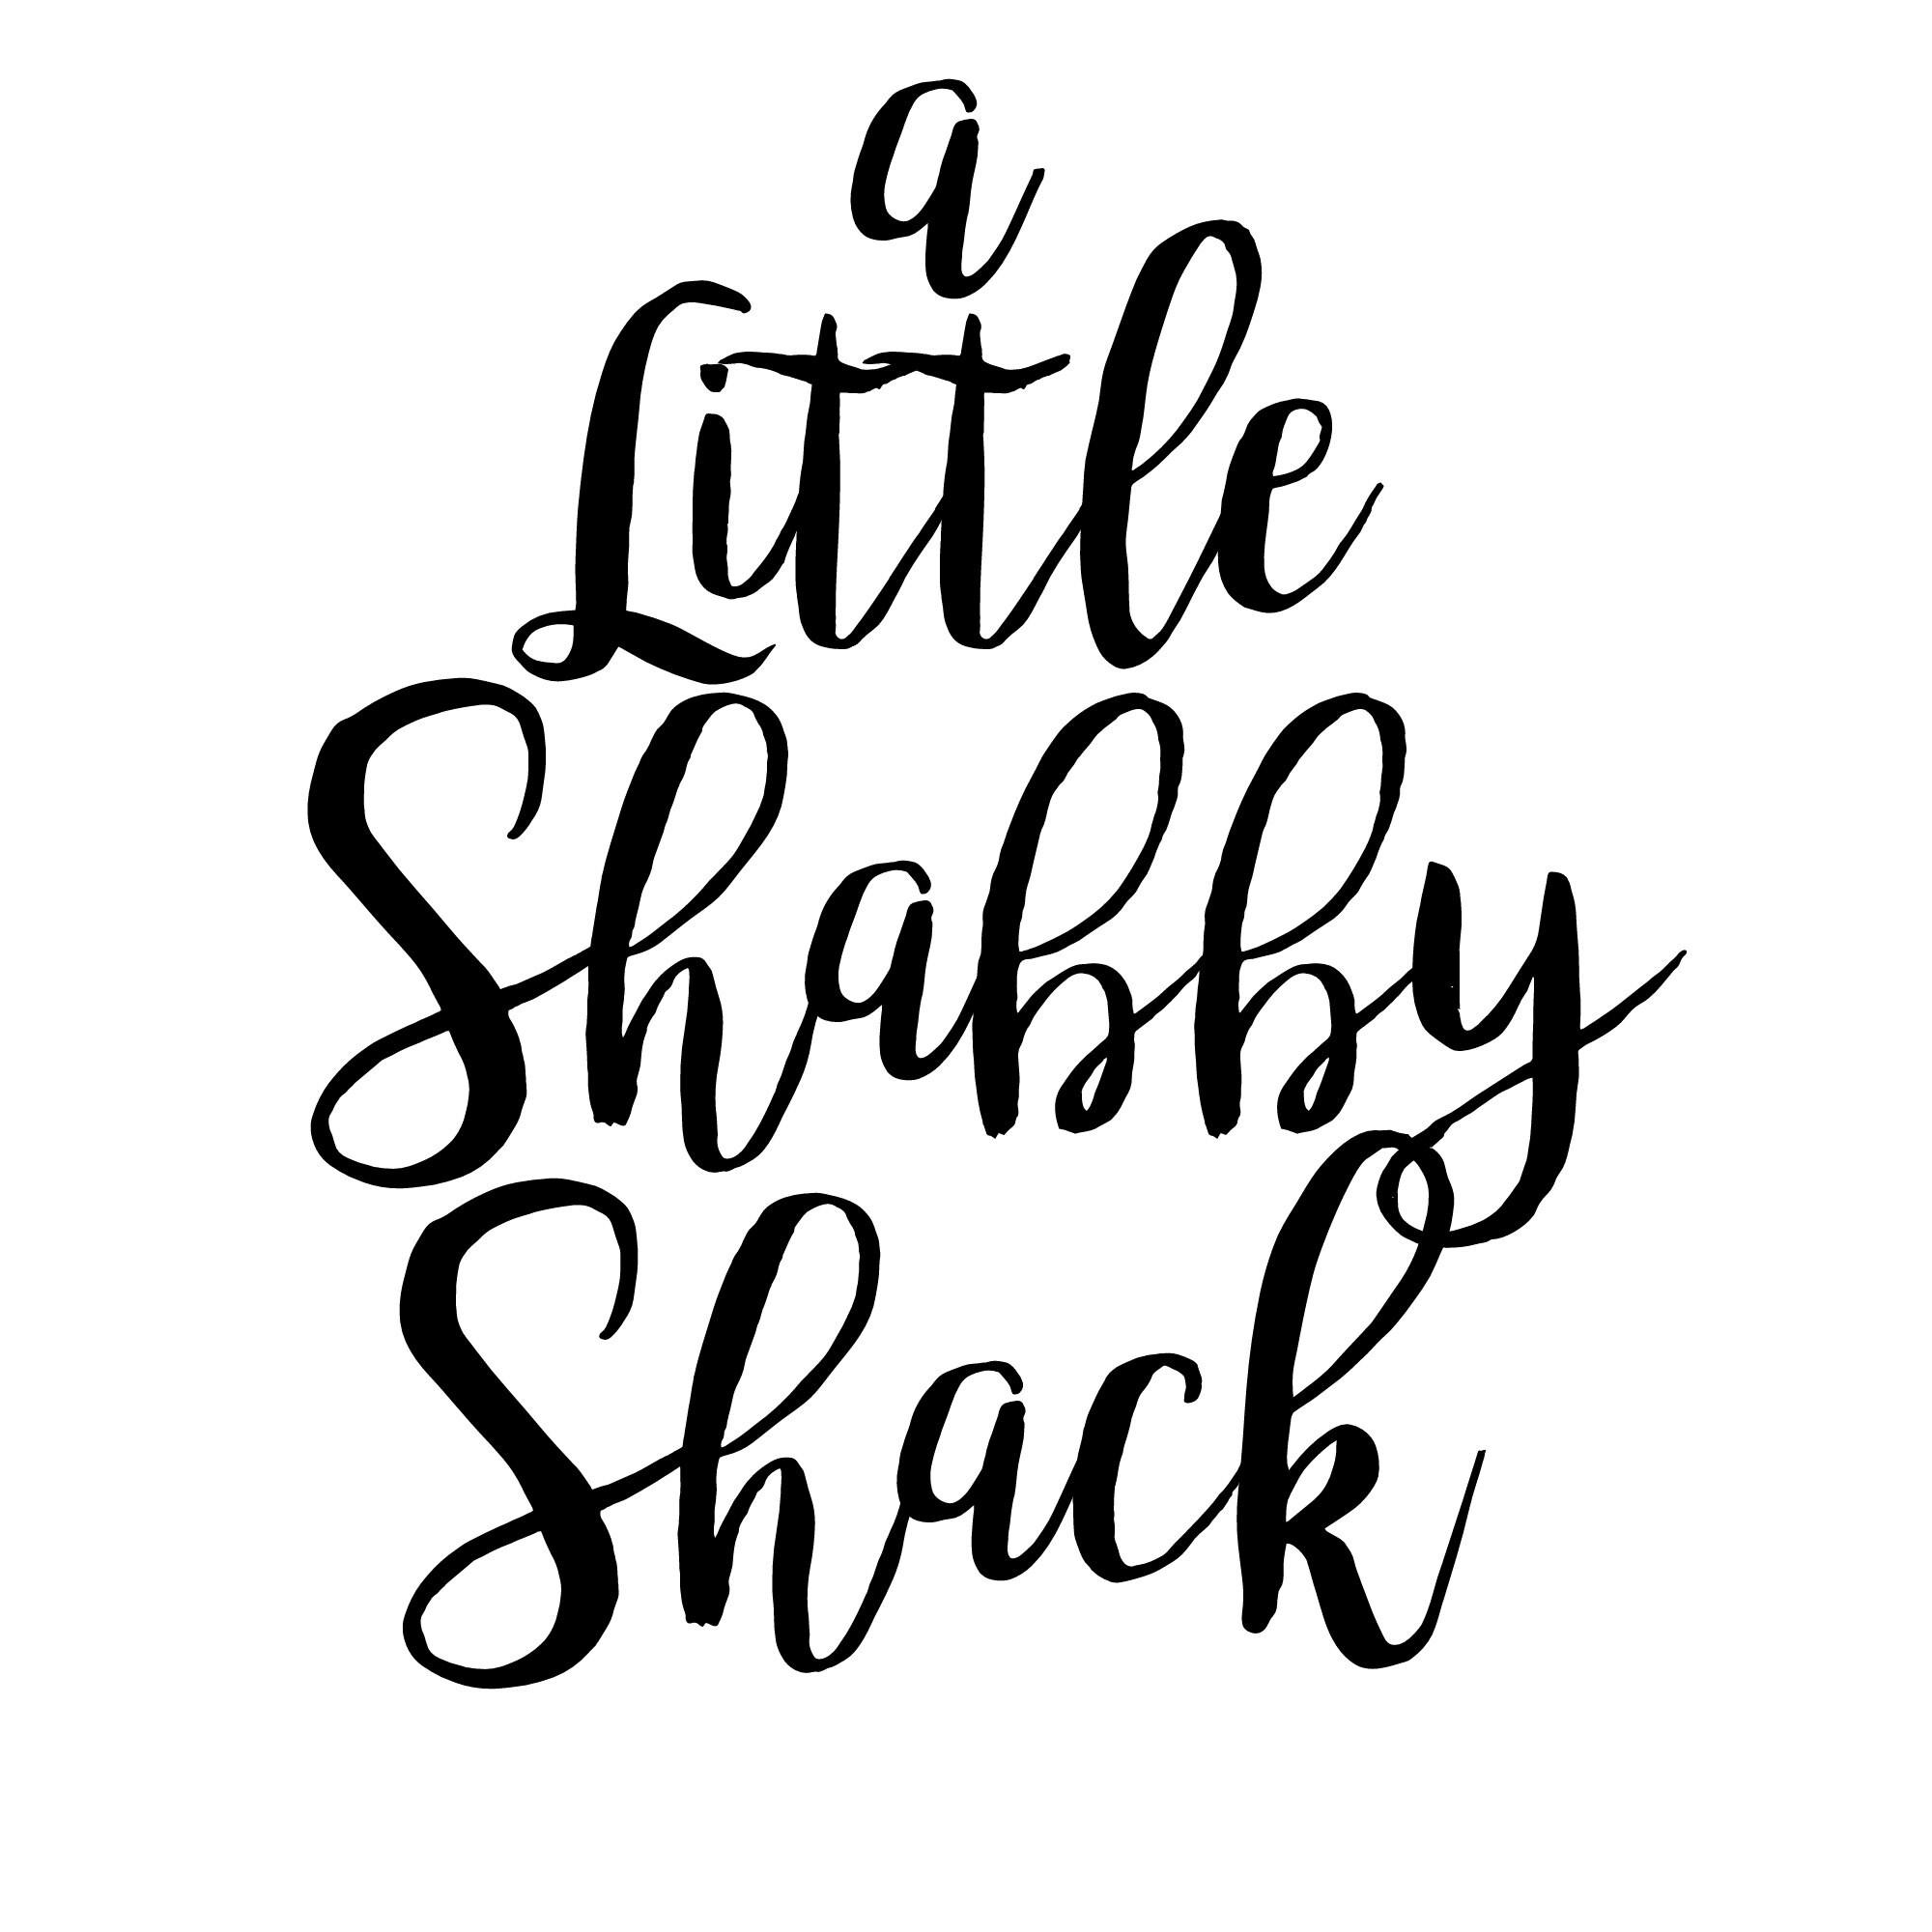 aLittleShabbyShack